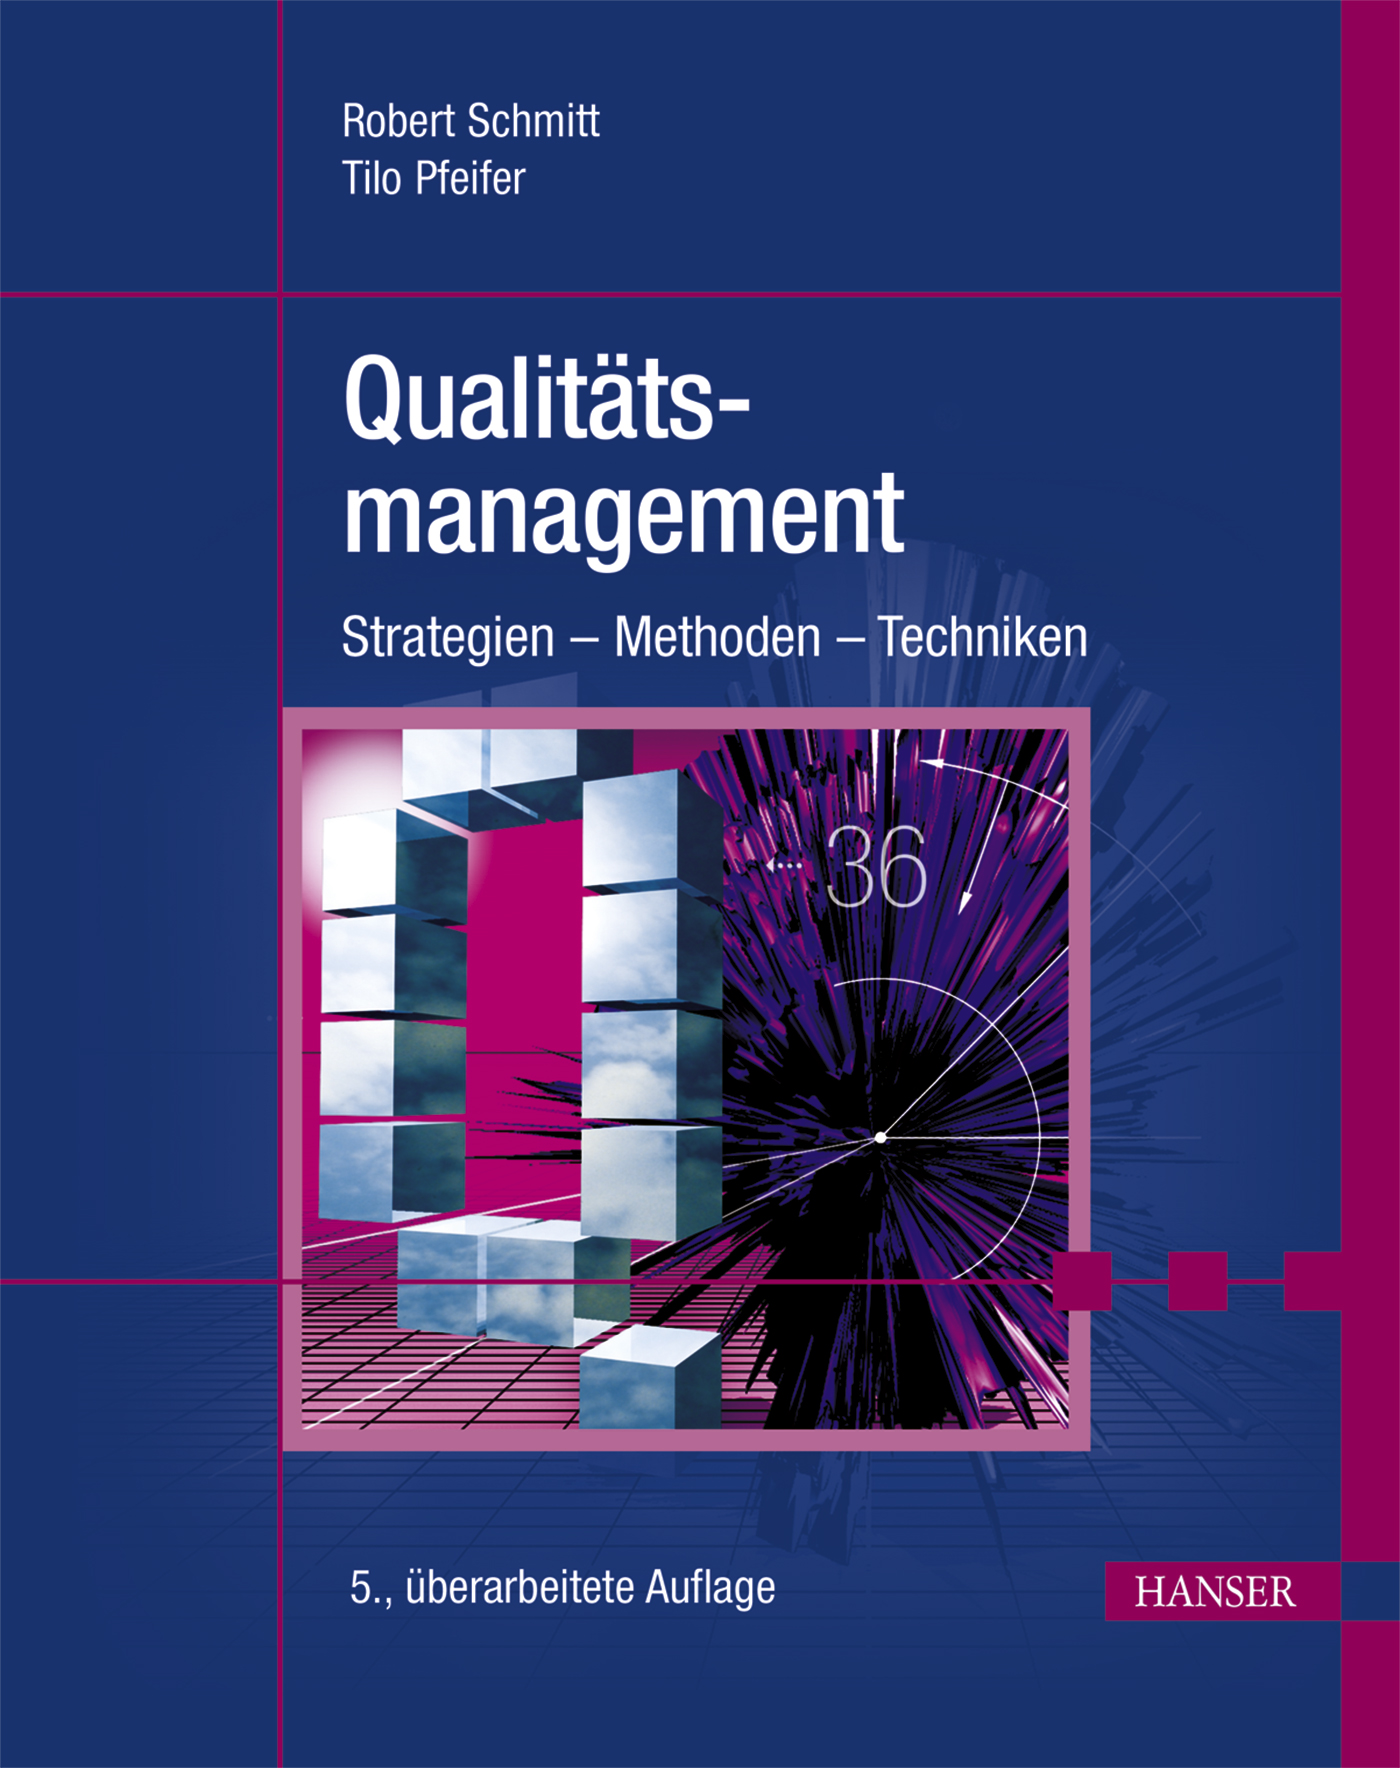 Schmitt, Pfeifer, Qualitätsmanagement, 978-3-446-43432-5